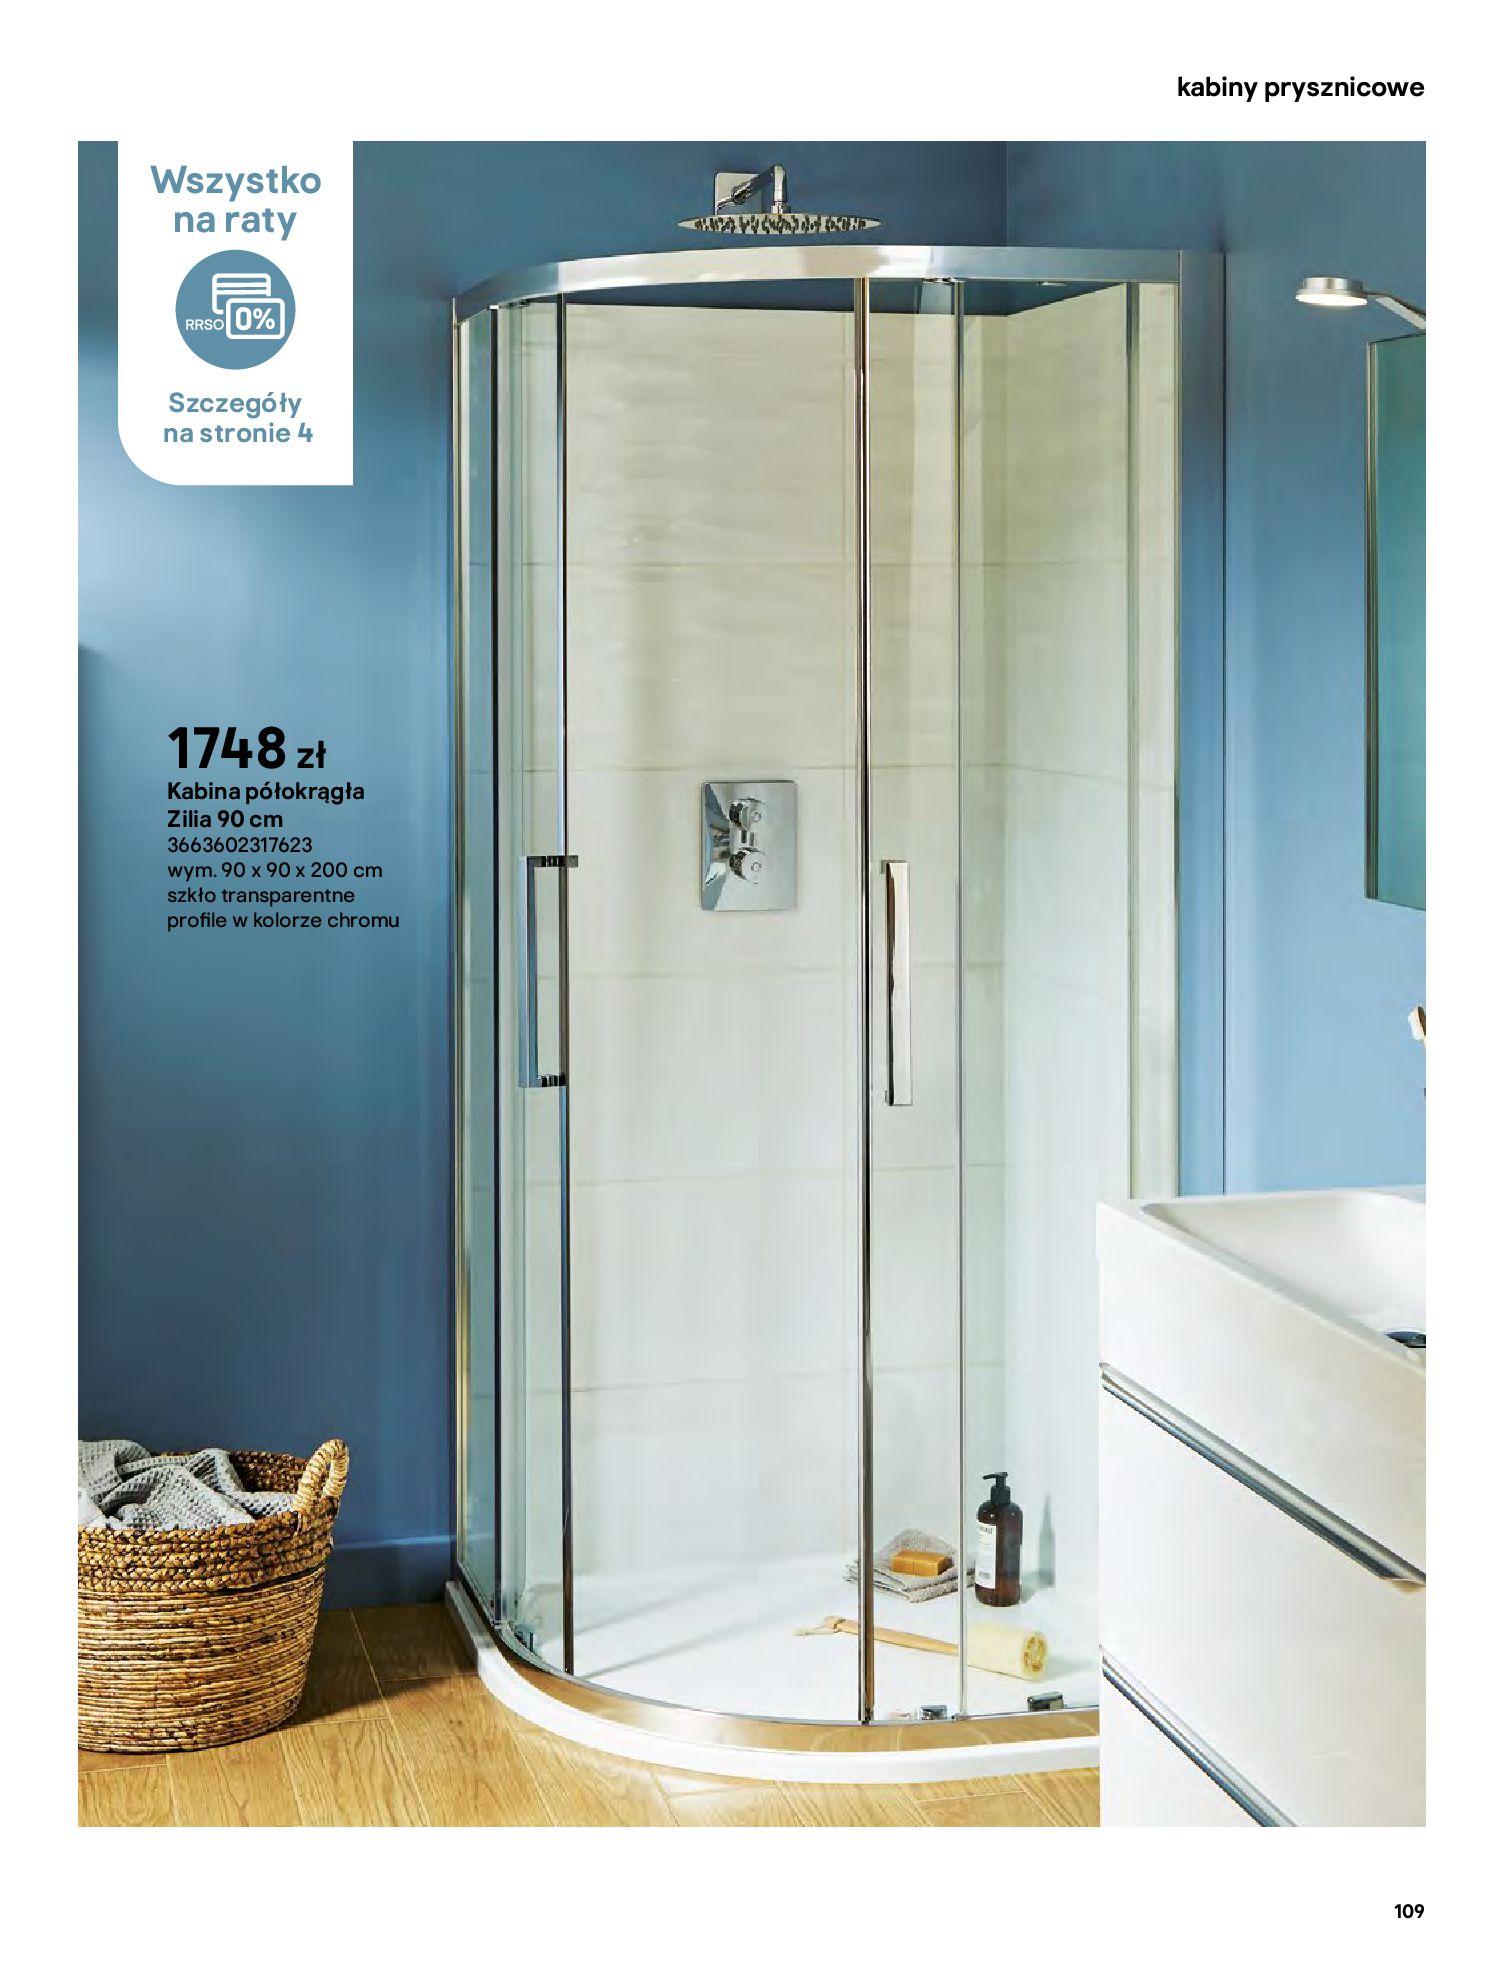 Gazetka Castorama: Gazetka Castorama - katalog łazienki 2021 2021-06-16 page-109